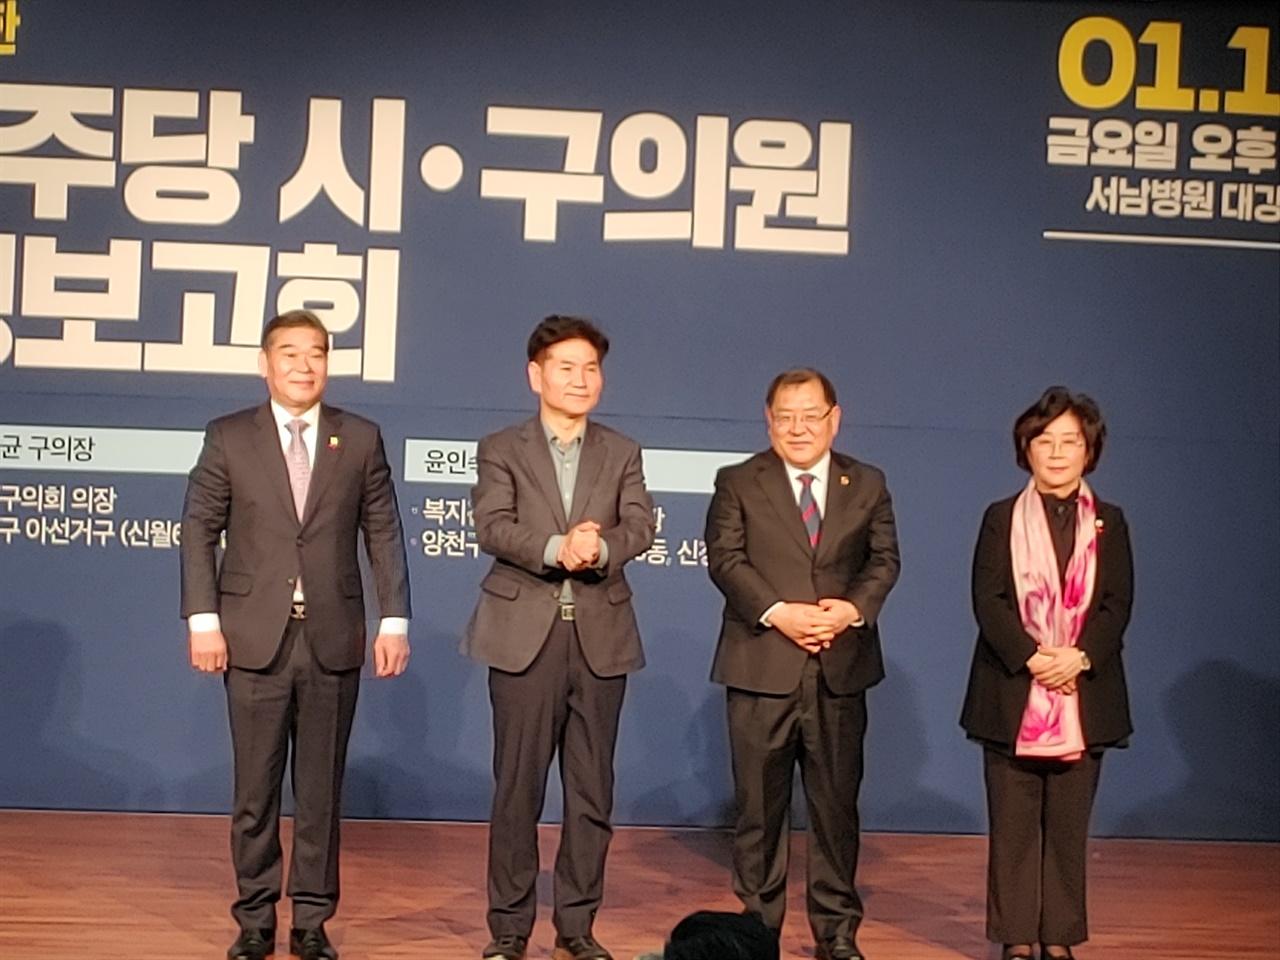 시·구의원들과 이용선 위원장 합동의정보고회에 참석한 시·구의원들과 이용선 위원장